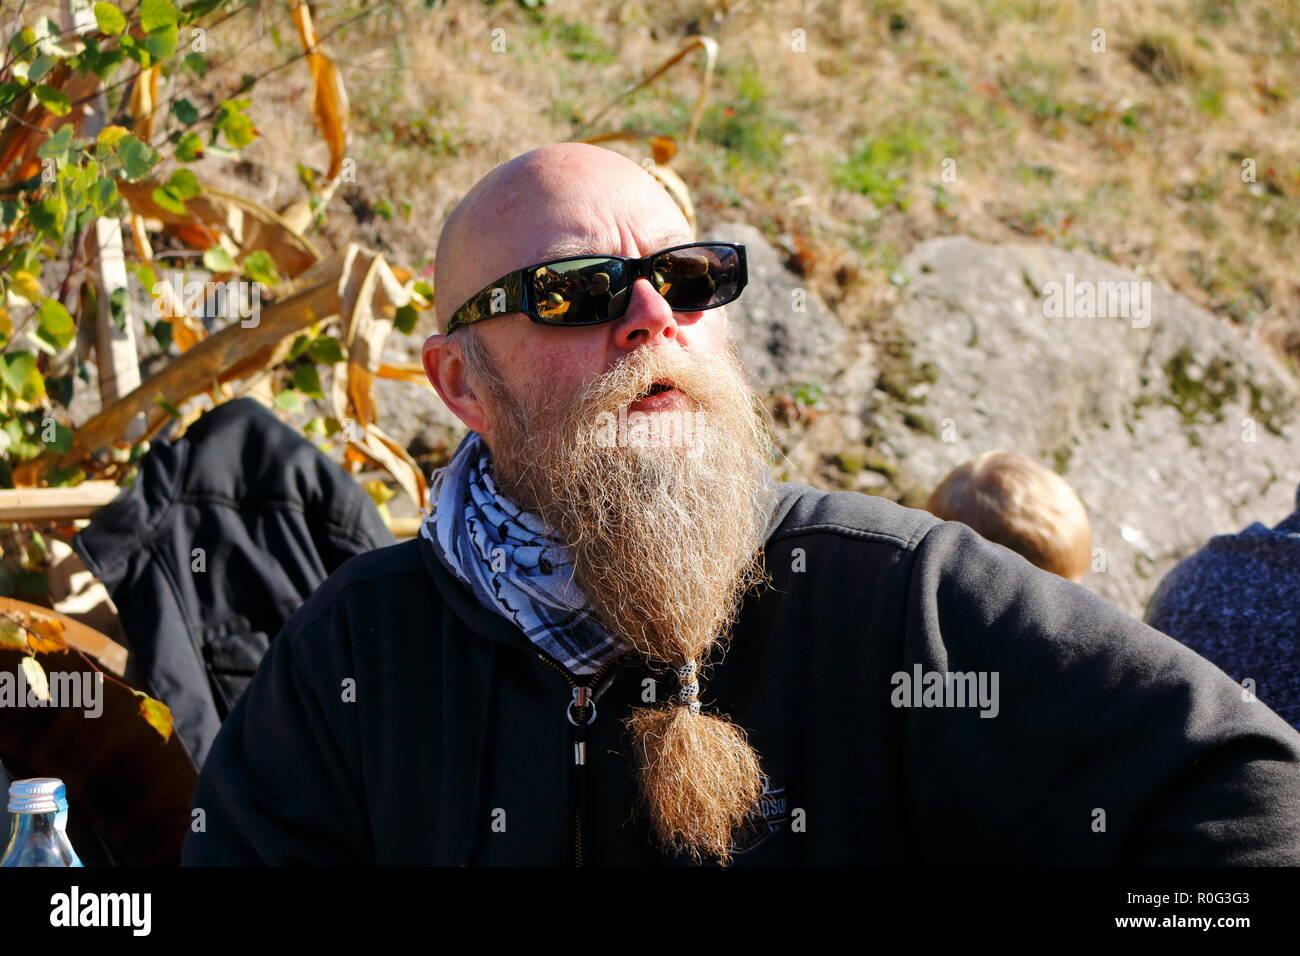 Mann mit langem Bart lächelt, und genießt die letzten Sonnenstrahlen im Herbst beim Erntedankfest - Stock Image